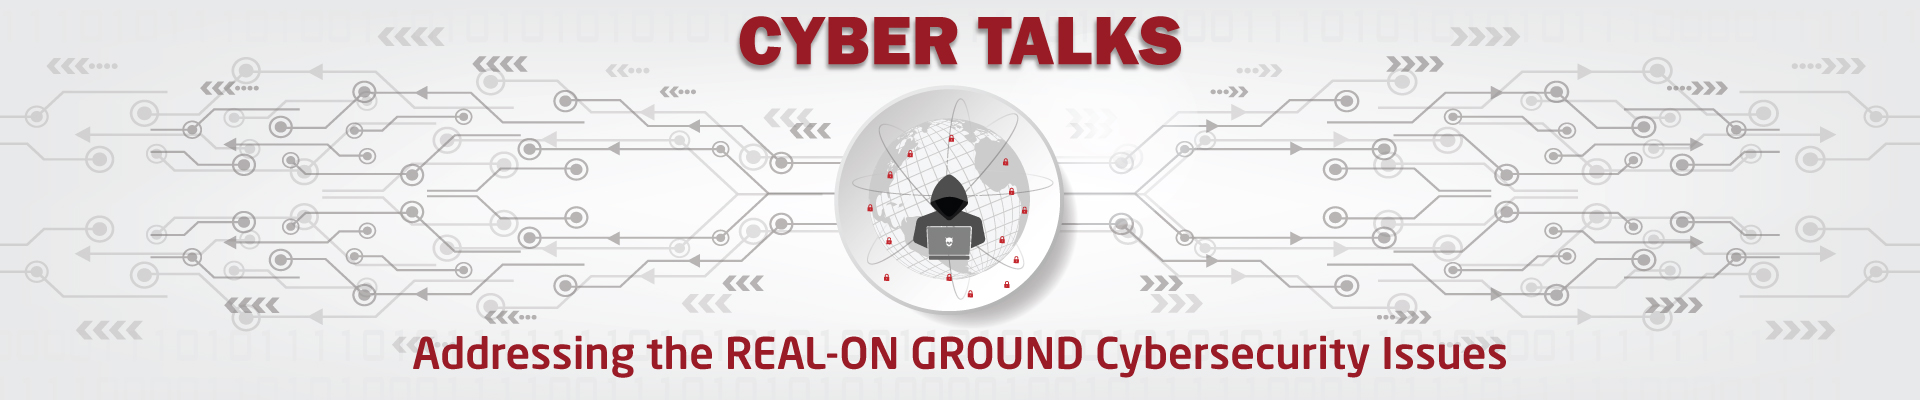 ECCU-Cyber-Talks